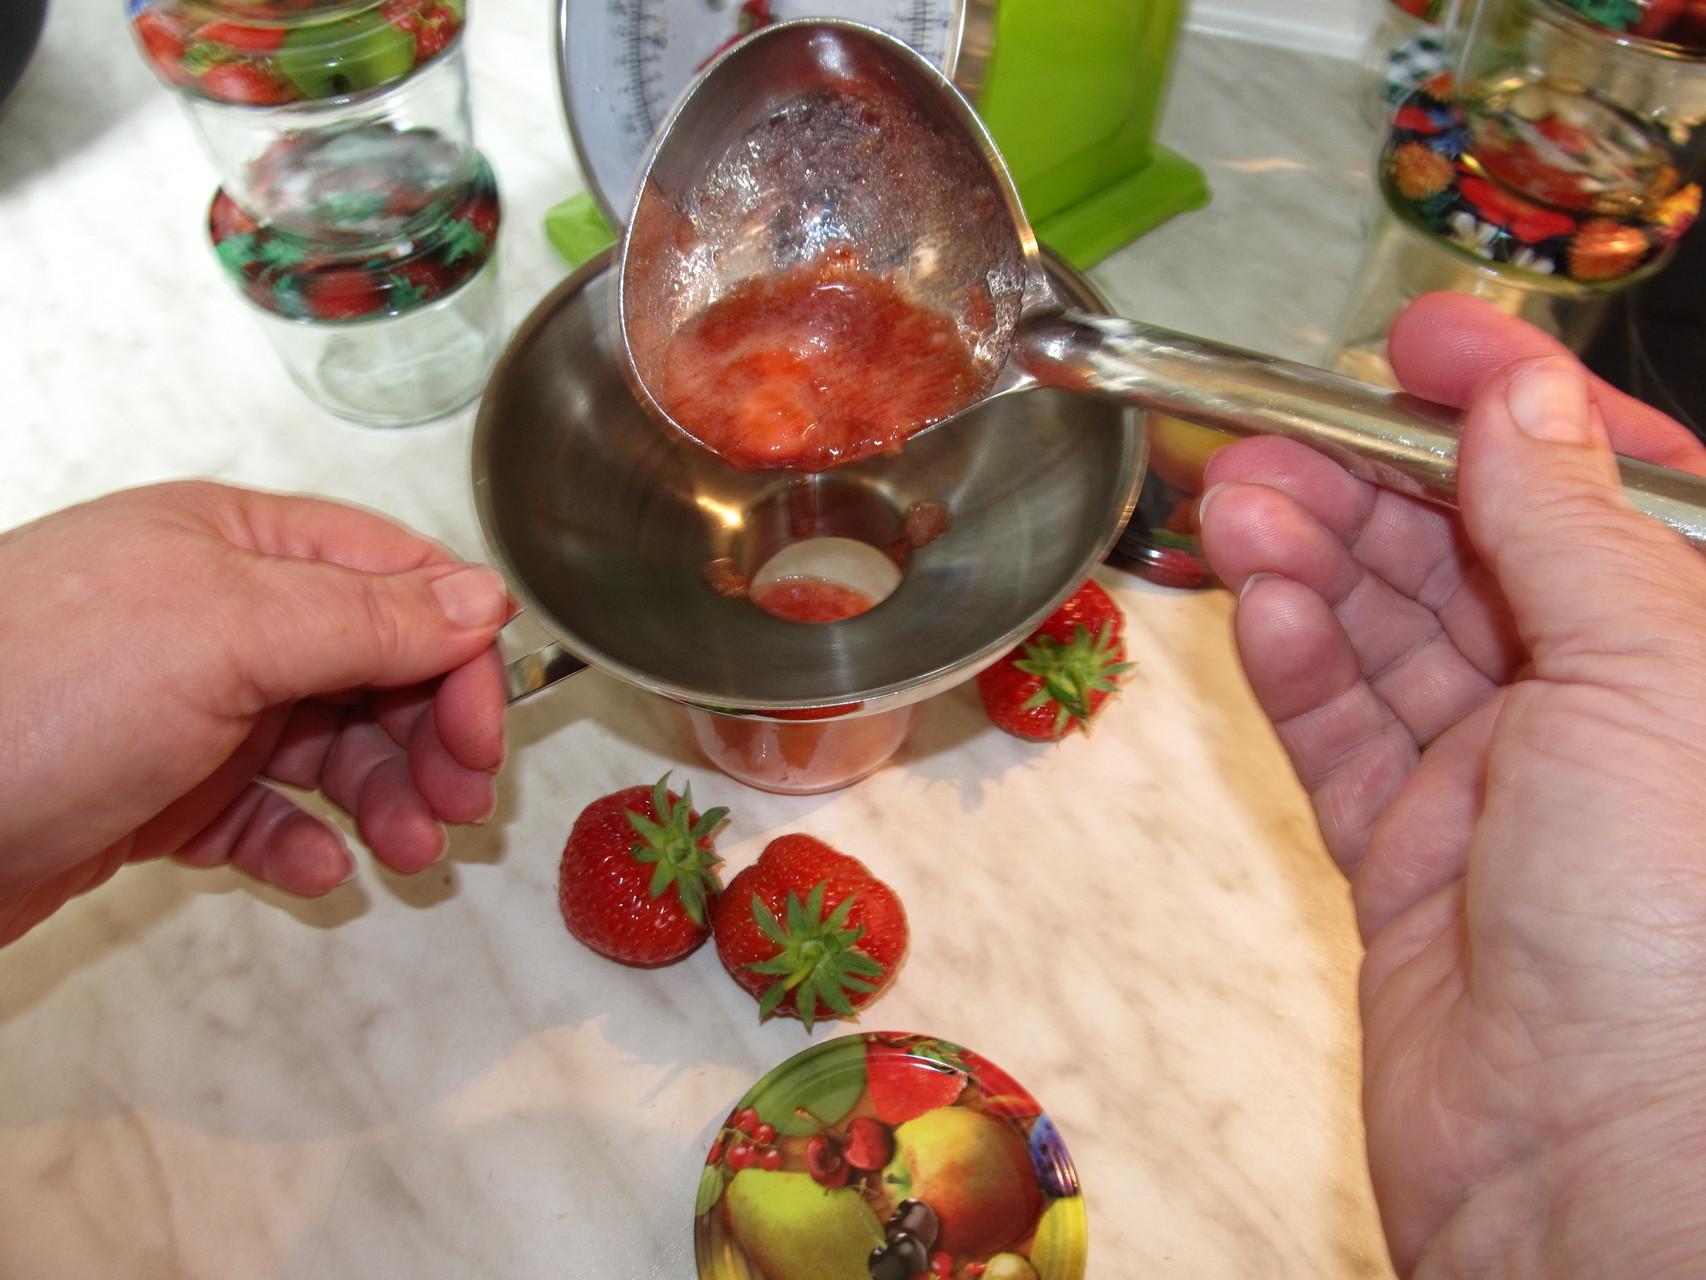 Abfüllung ins Glas noch mit Hand